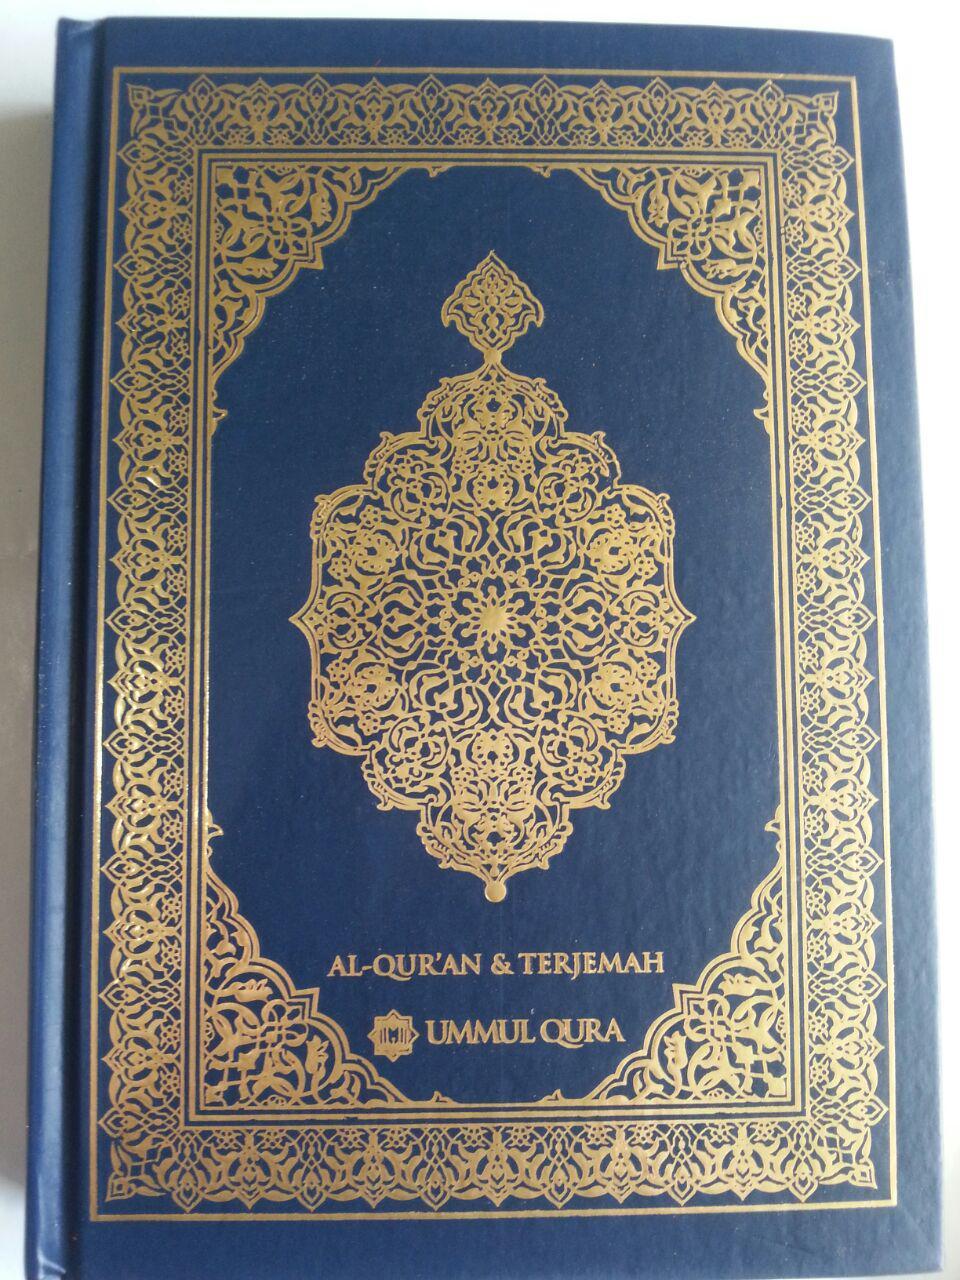 Al-Qur'an Mushaf Dan Terjemah Ukuran A5 cover